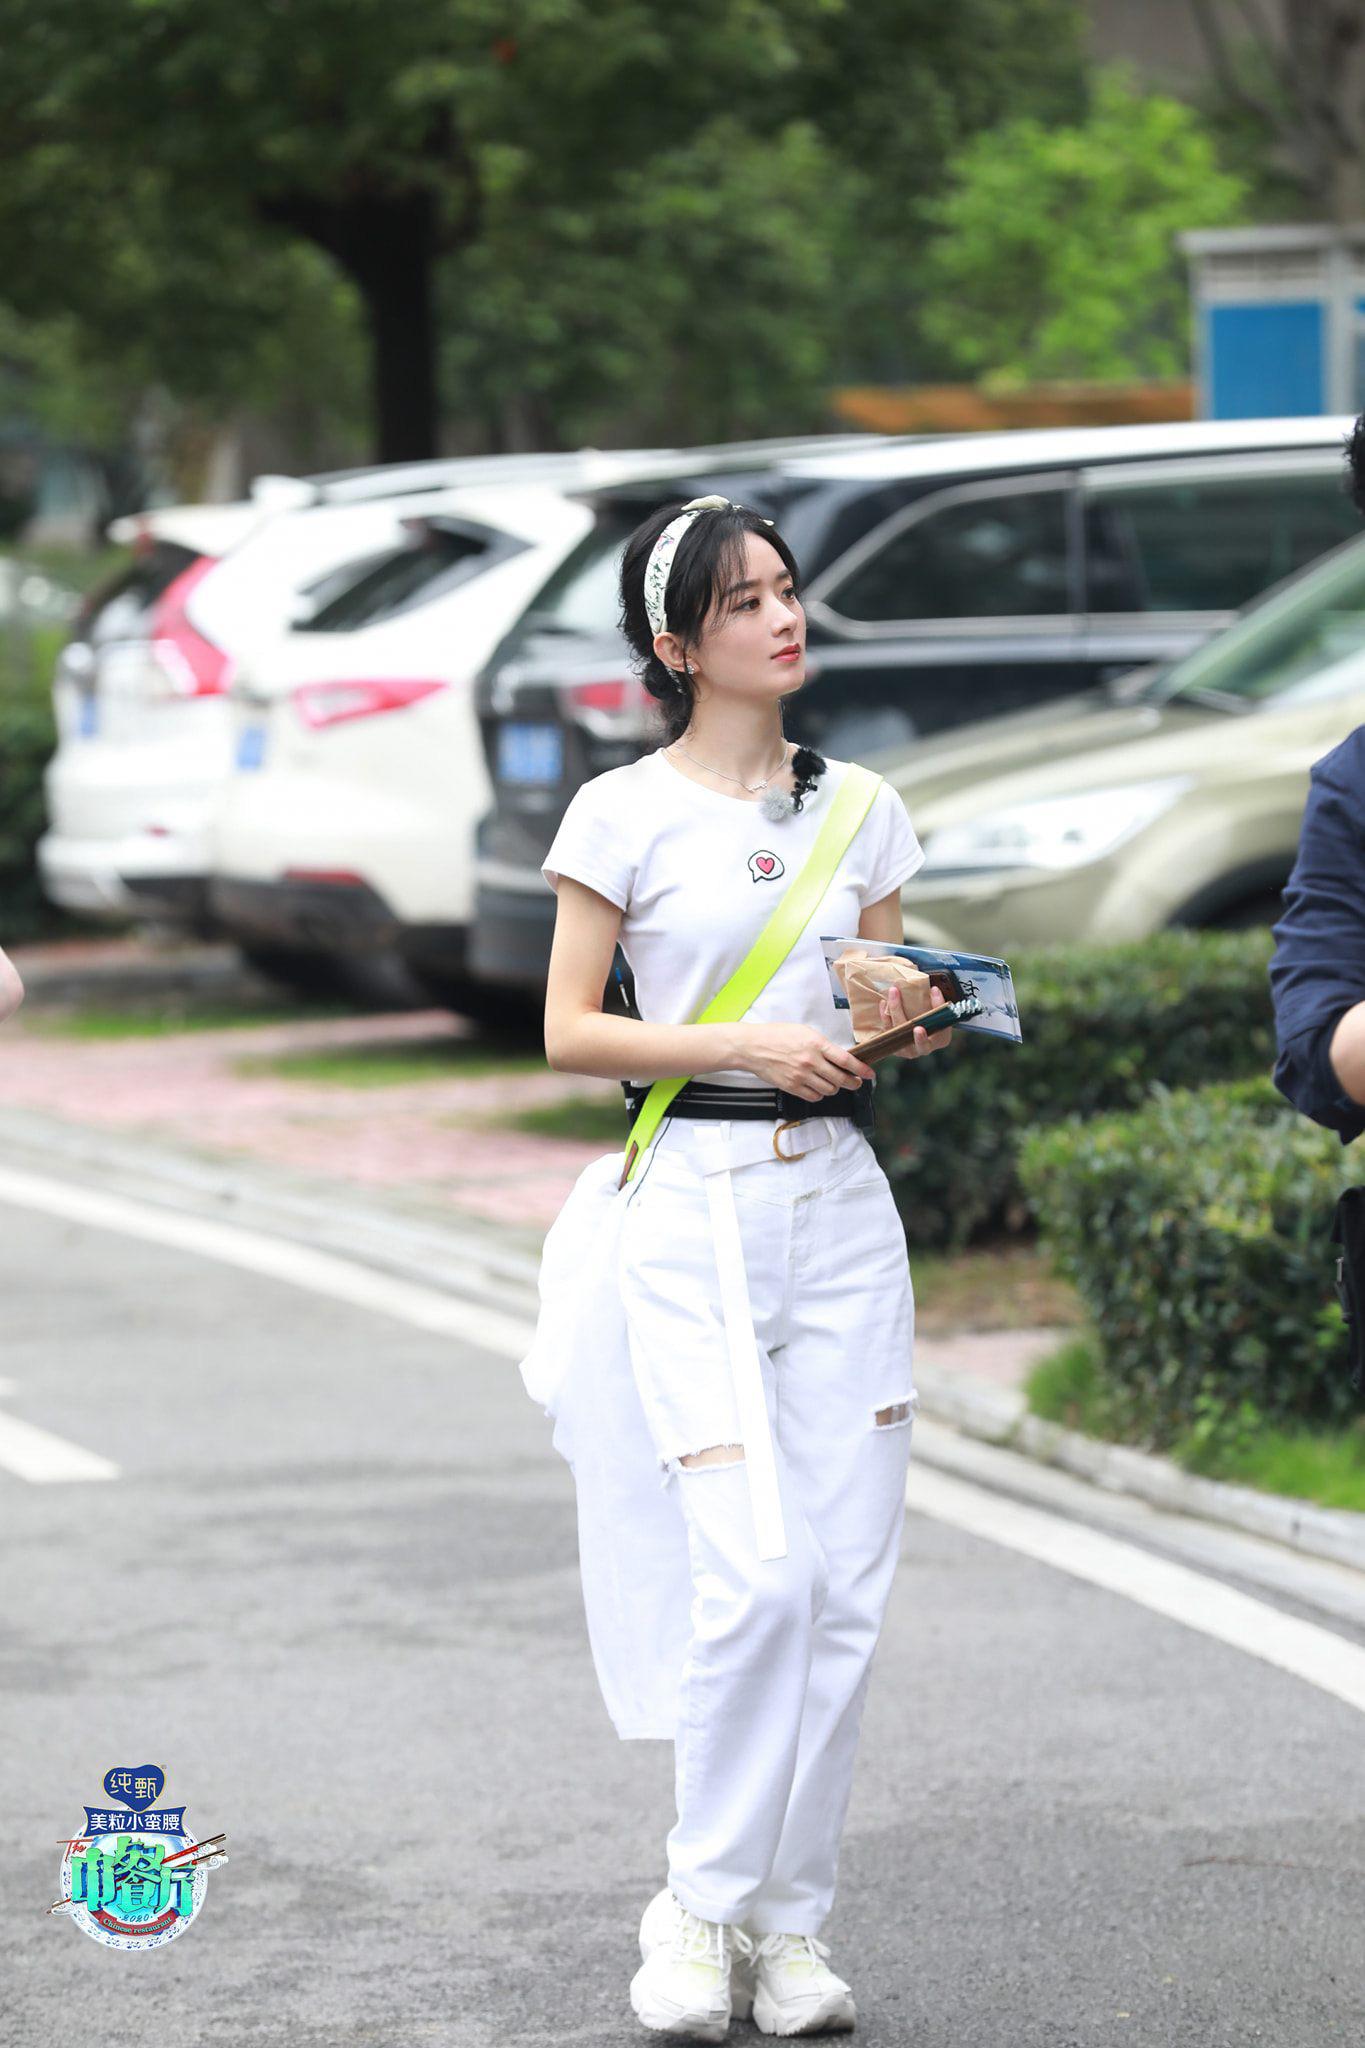 Cùng diện quần jeans: Mẹ bỉm sữa Triệu Lệ Dĩnh khoe style hack tuổi, Địch Lệ Nhiệt Ba hết mức cool ngầu - Ảnh 4.